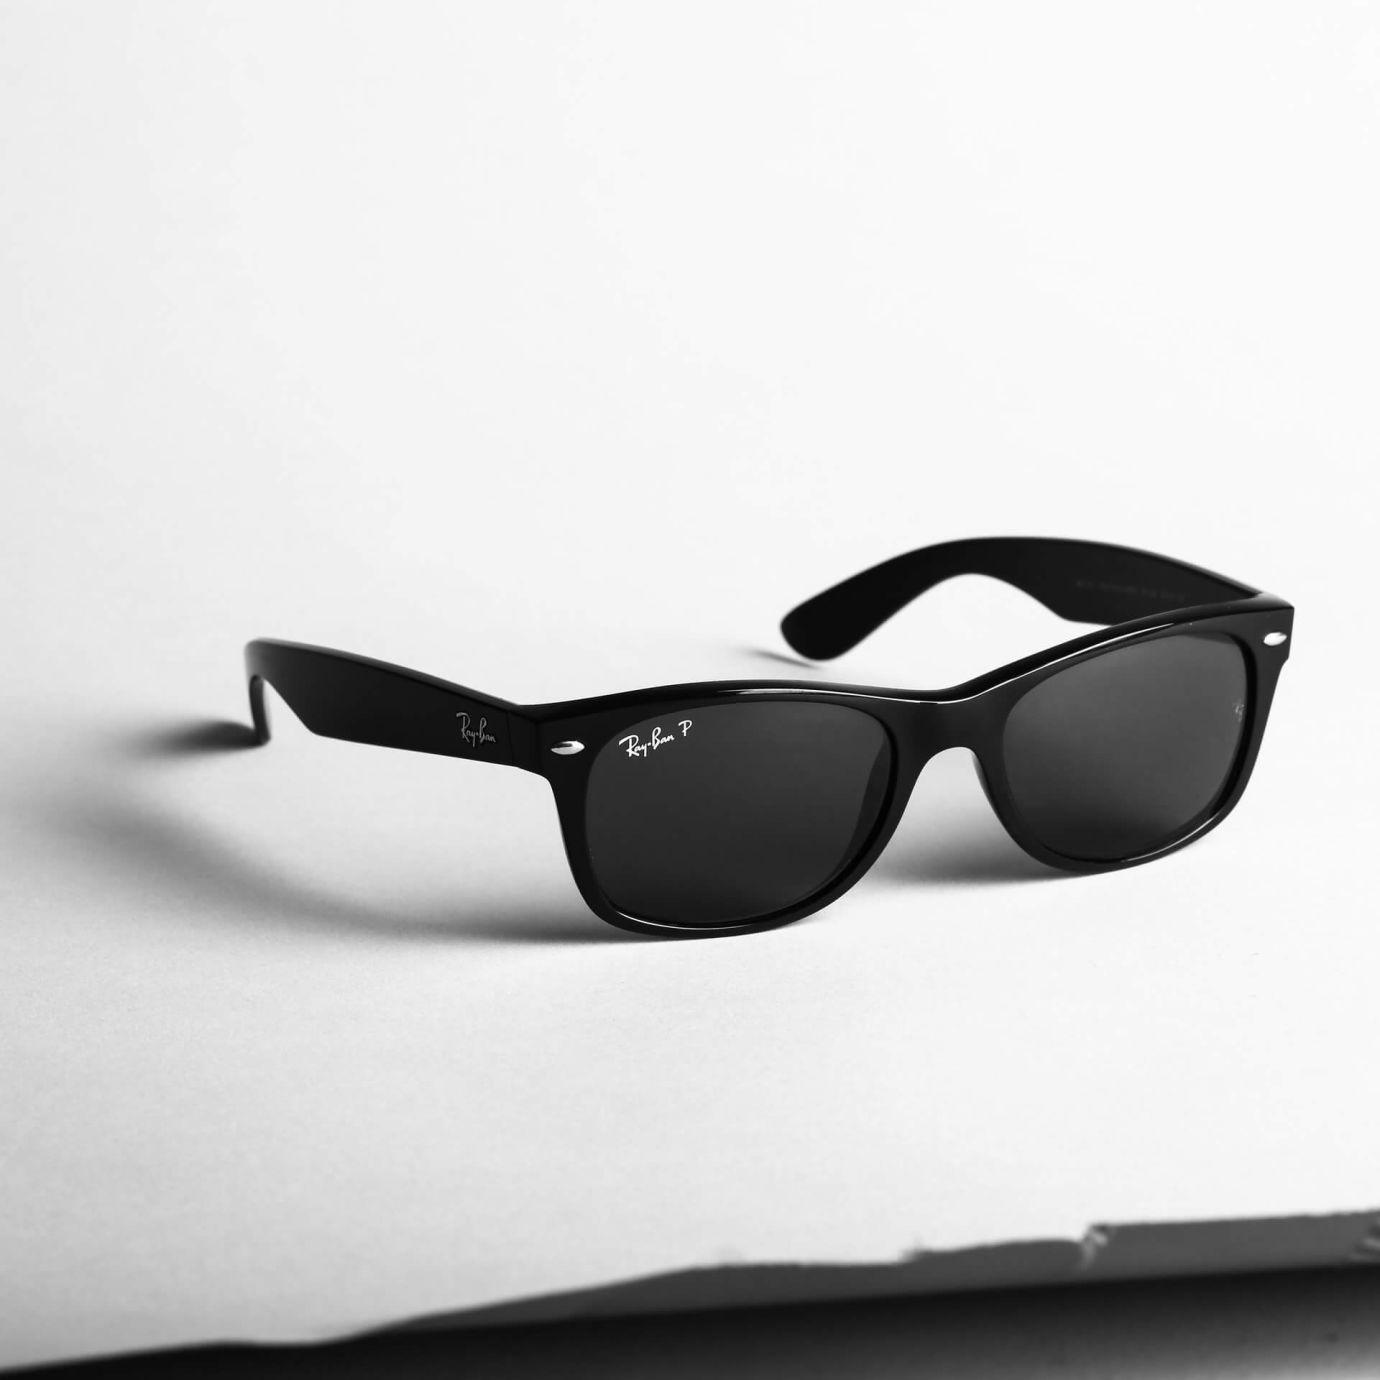 Nahaufname von einer schwarzen Ray-Ban-Sonnenbrille